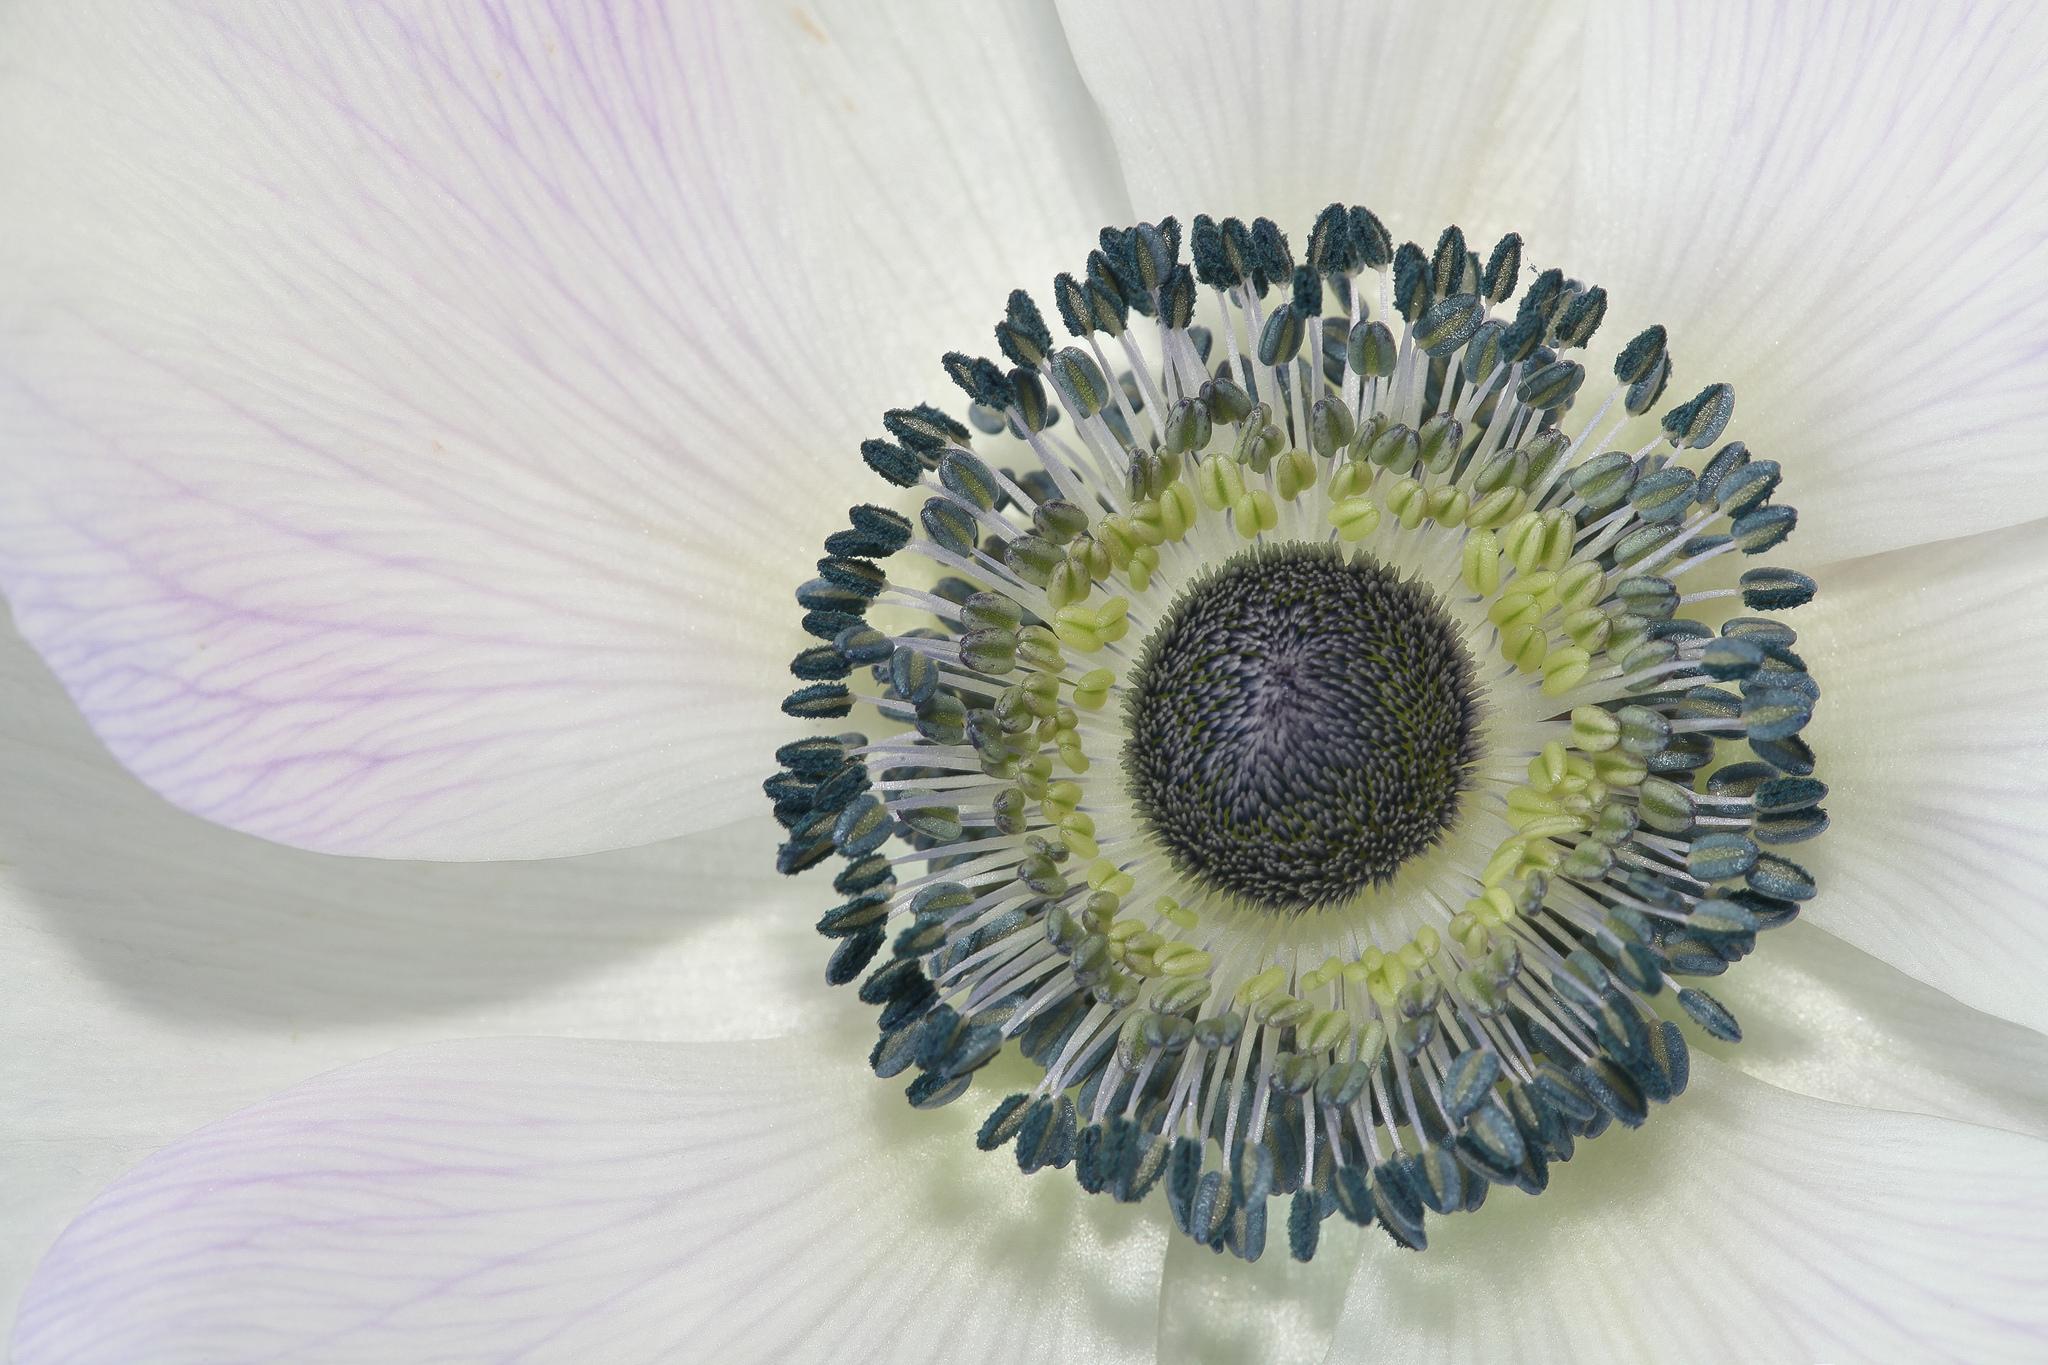 Die Natur ist einfach und komplex zugleich. Foto (C) Rick Ligthelm / flickr